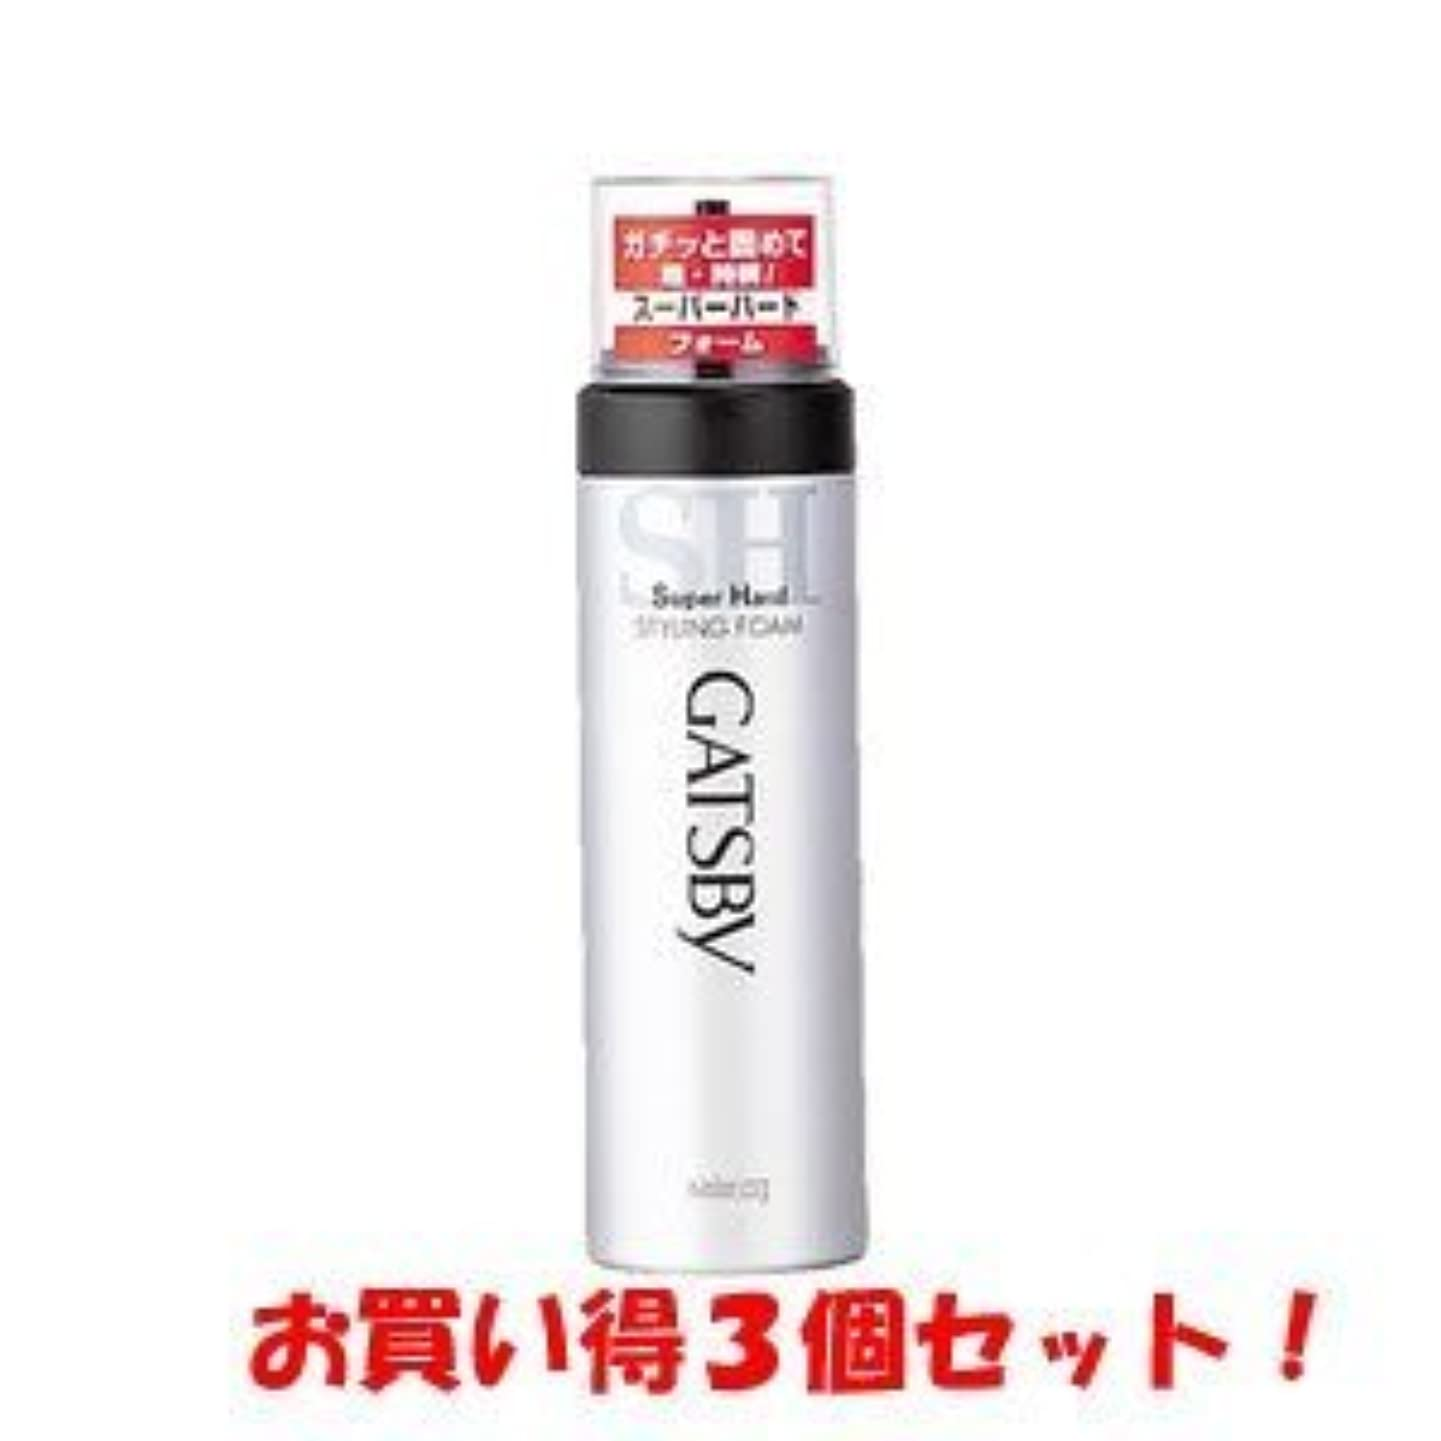 残酷独特の交換ギャツビー【GATSBY】スタイリングフォーム スーパーハード 185g(お買い得3個セット)